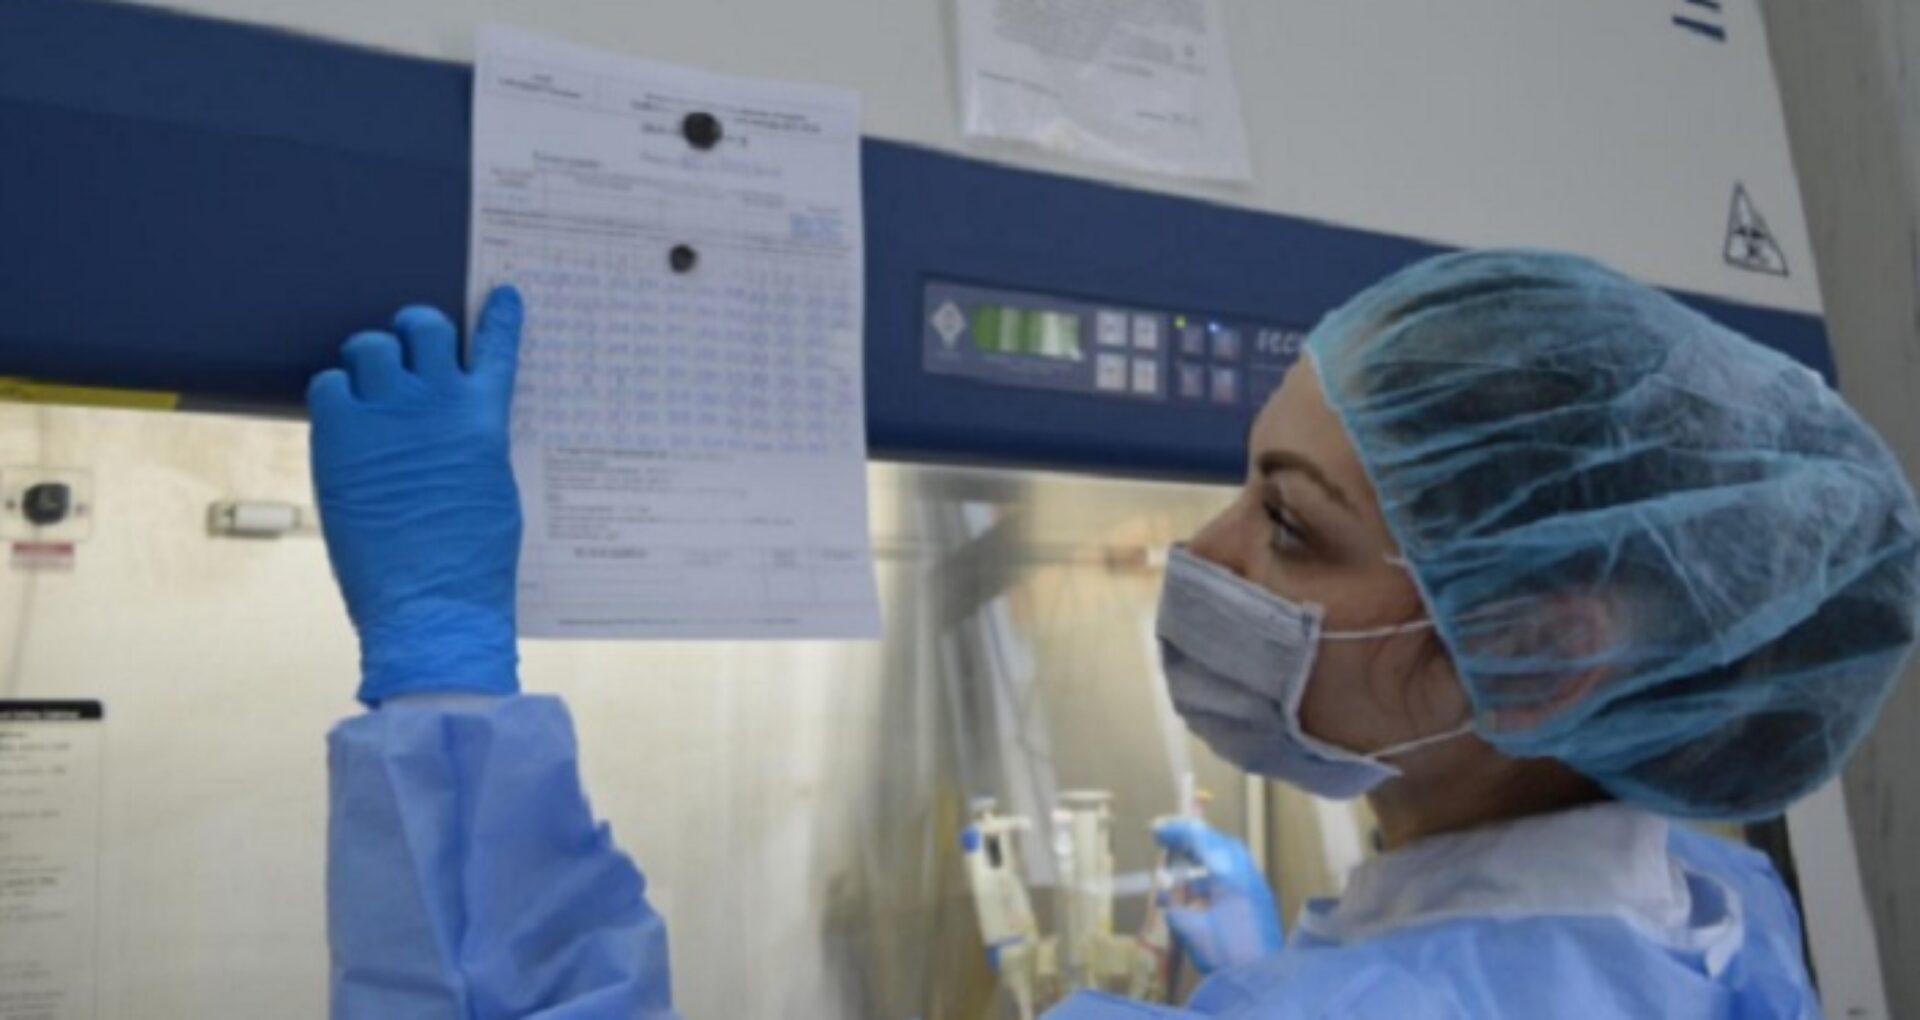 Topul raioanelor care au înregistrate cele mai puține cazuri de infecție cu Covid-19. Implicarea presei și donațiile din diasporă – principalele motive invocate de autorități